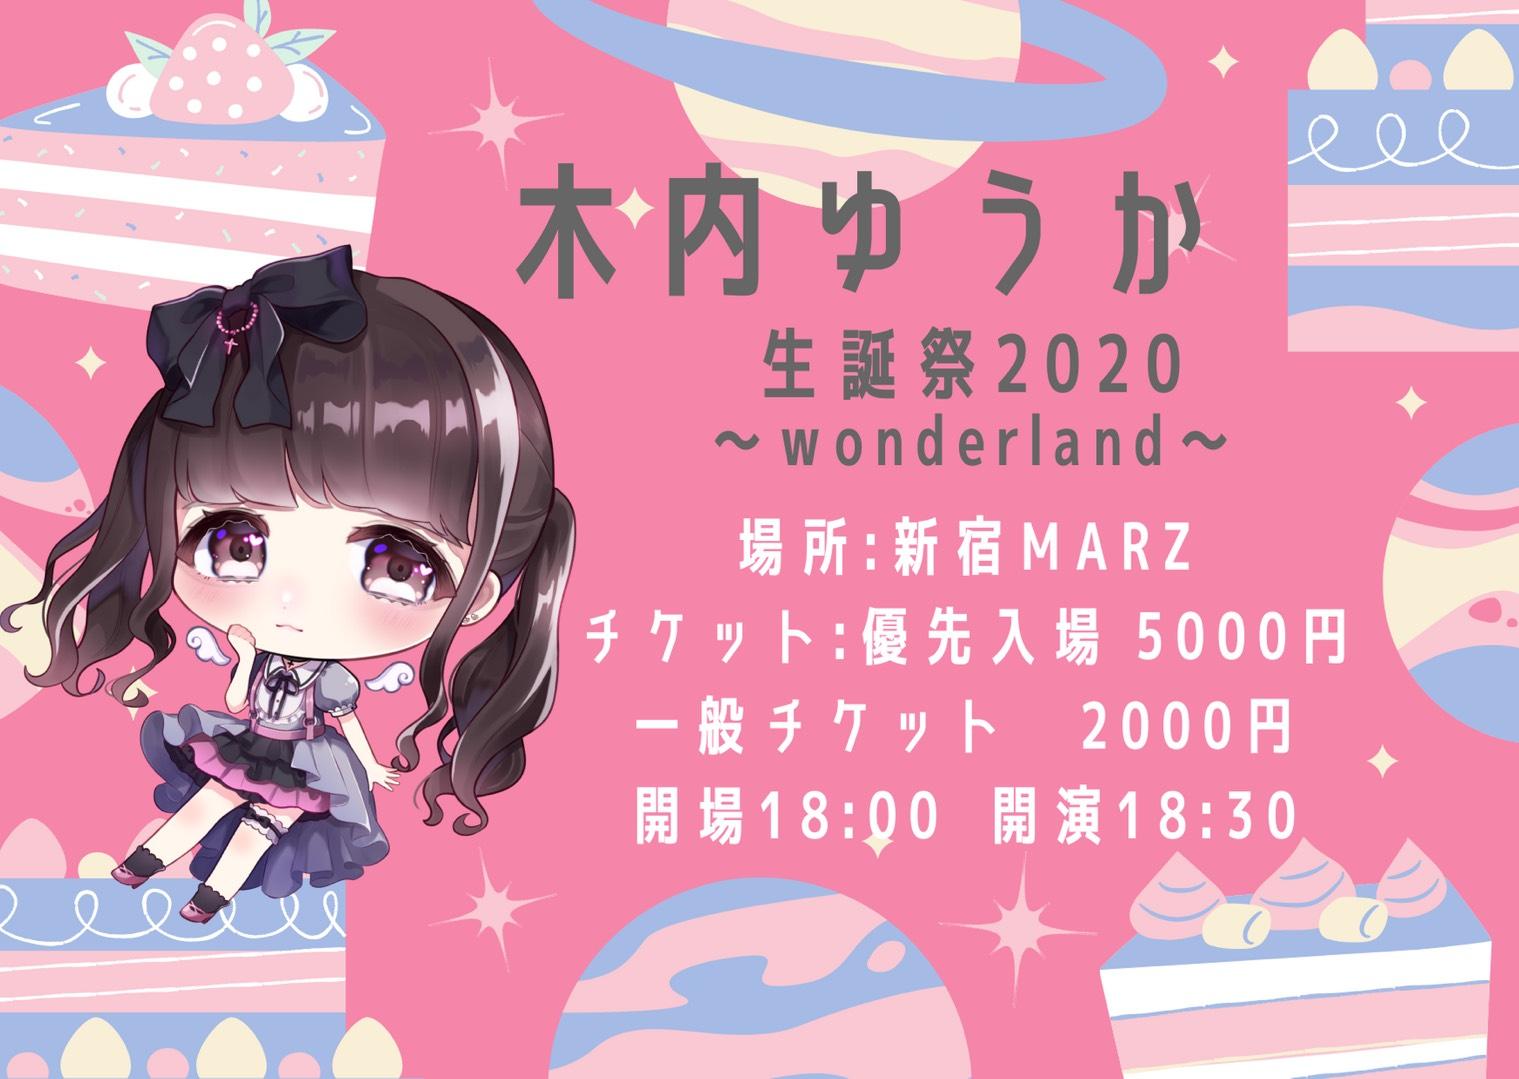 10/24木内ゆうか生誕祭2020〜wonderland〜